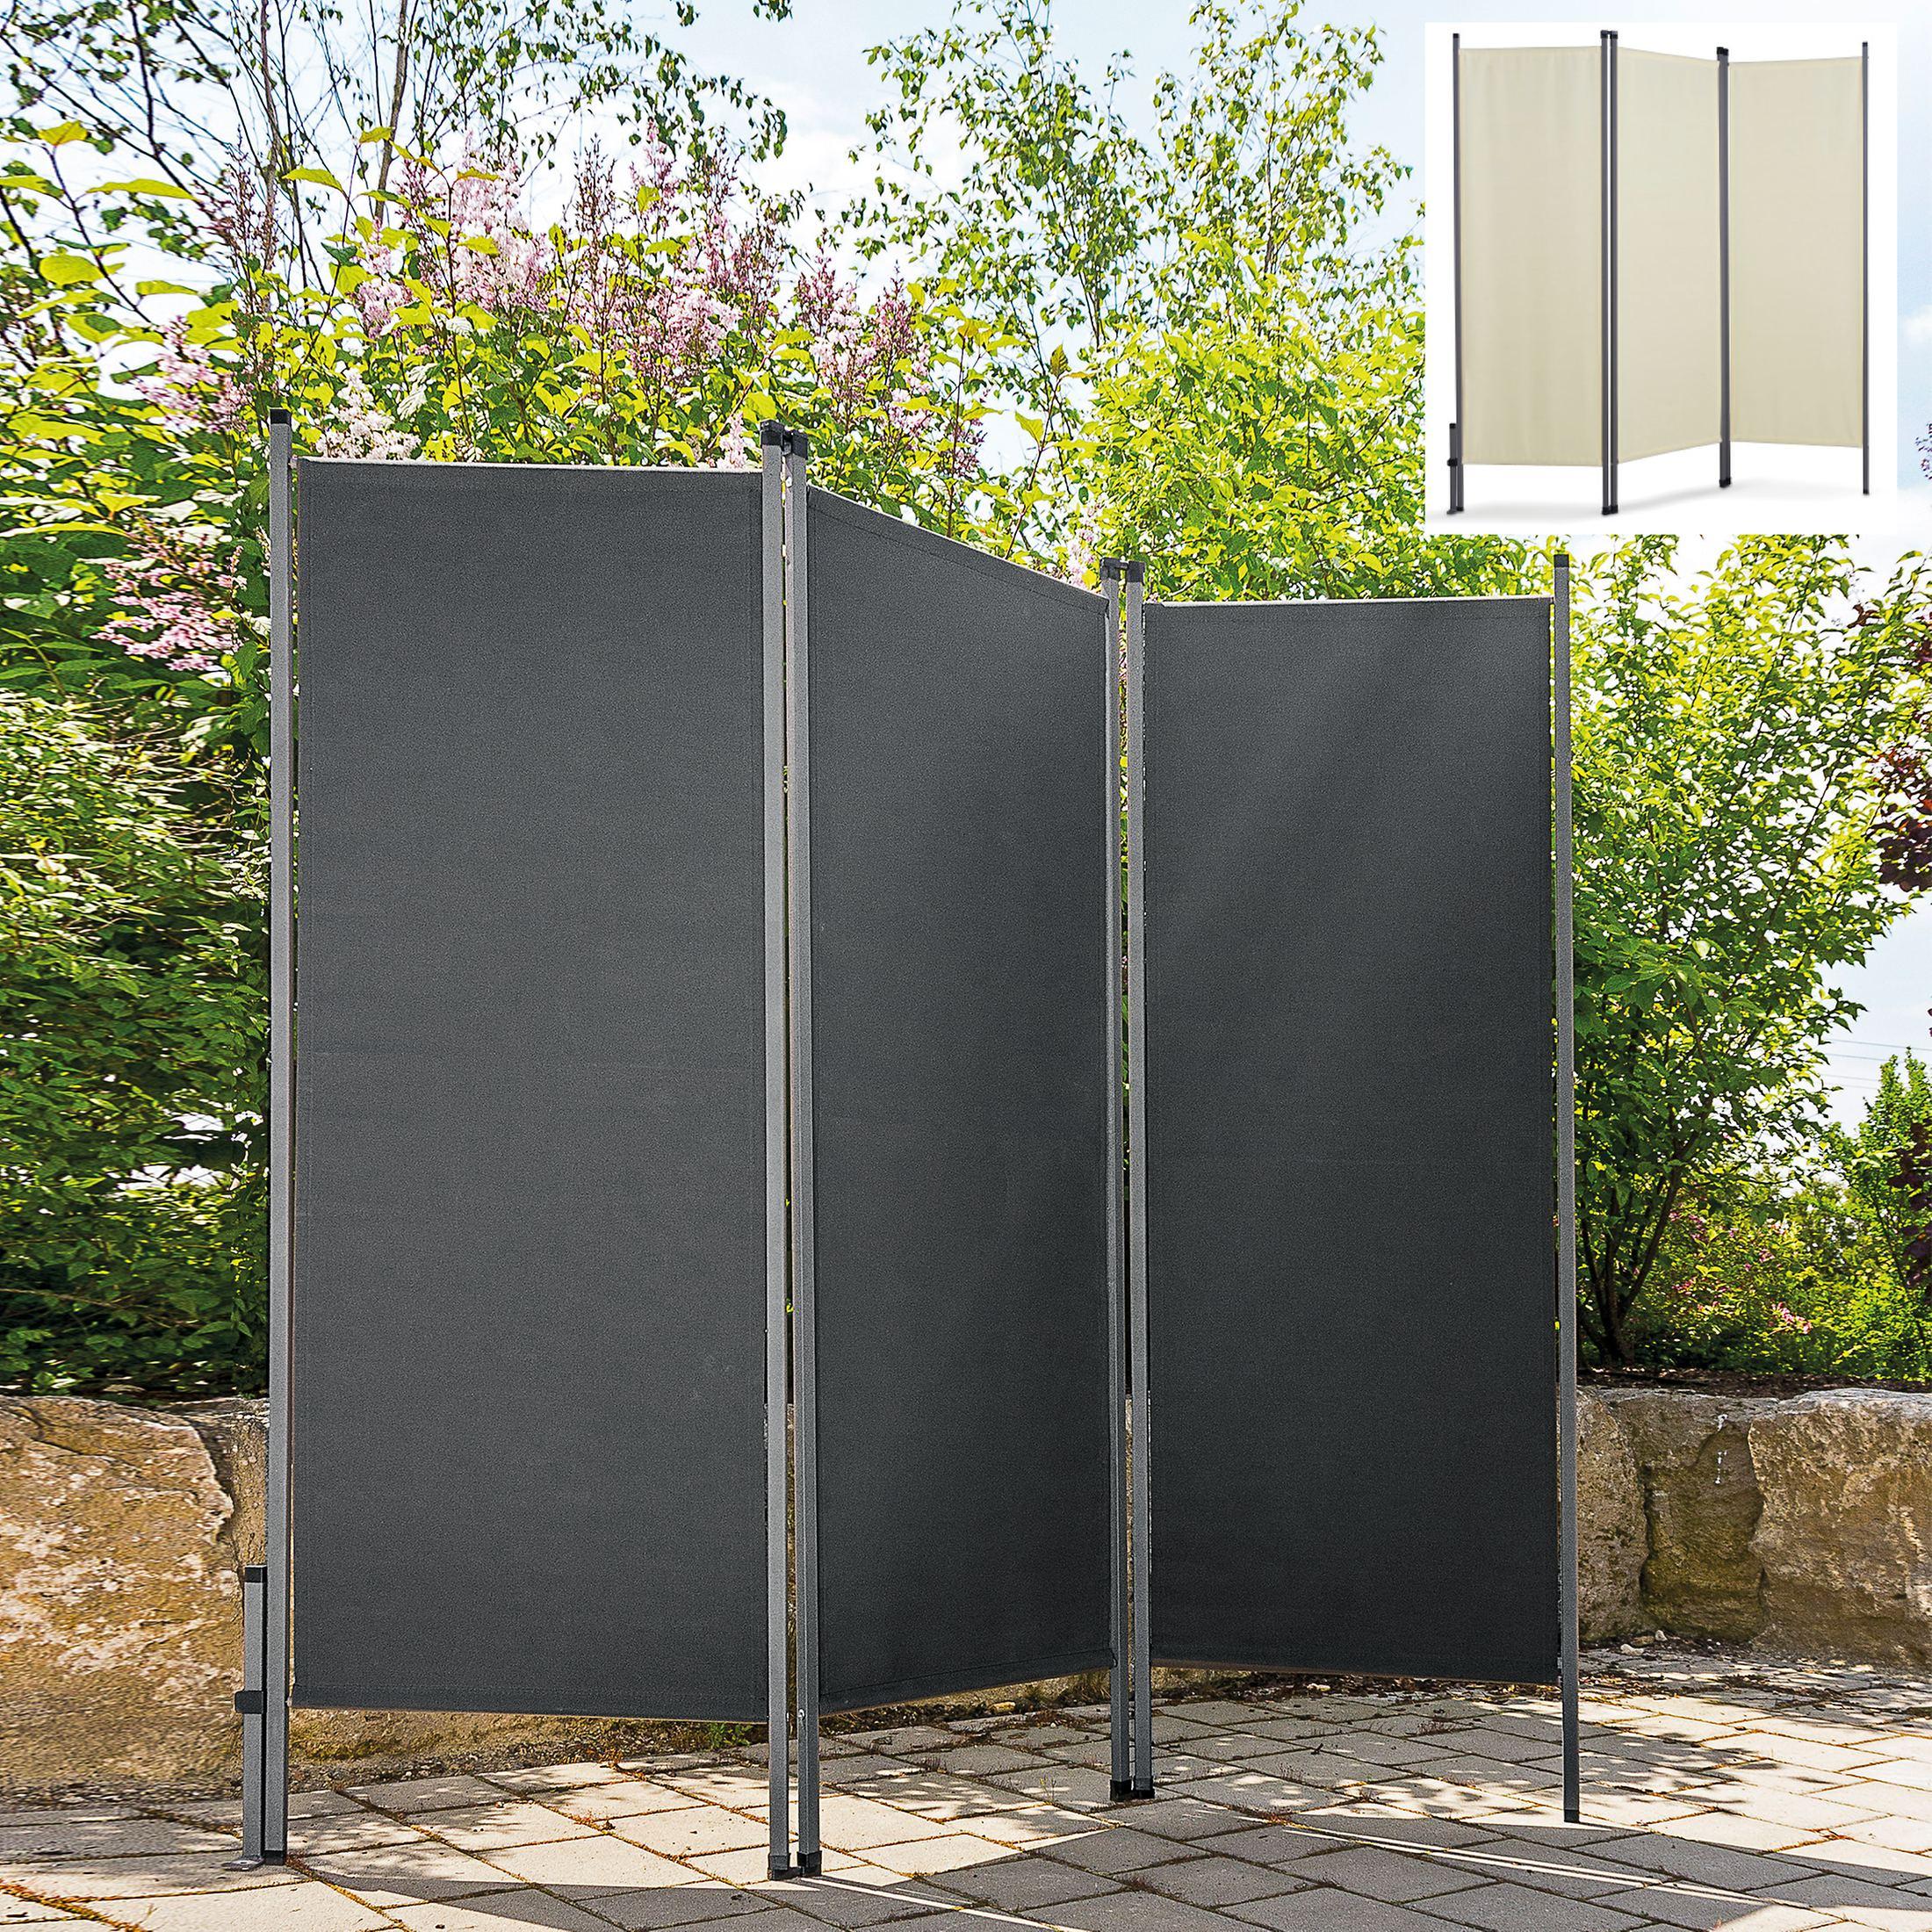 Full Size of Outdoor Paravent Mobilis Promondo Garten Küche Edelstahl Kaufen Wohnzimmer Outdoor Paravent